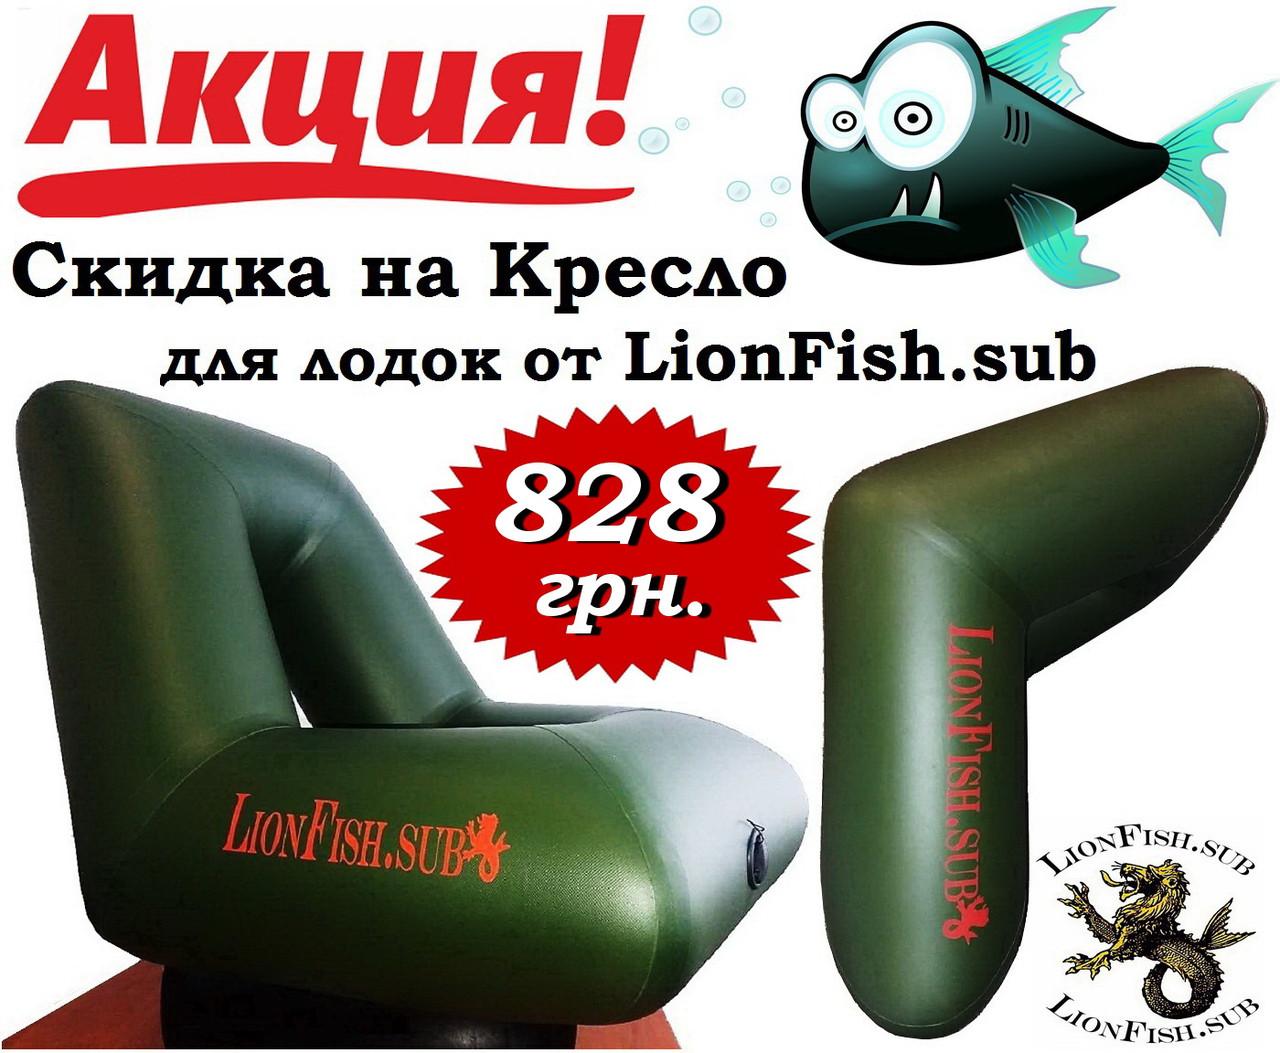 АКЦИЯ! Кресло в Лодку LionFish.sub из ПВХ, фото 1